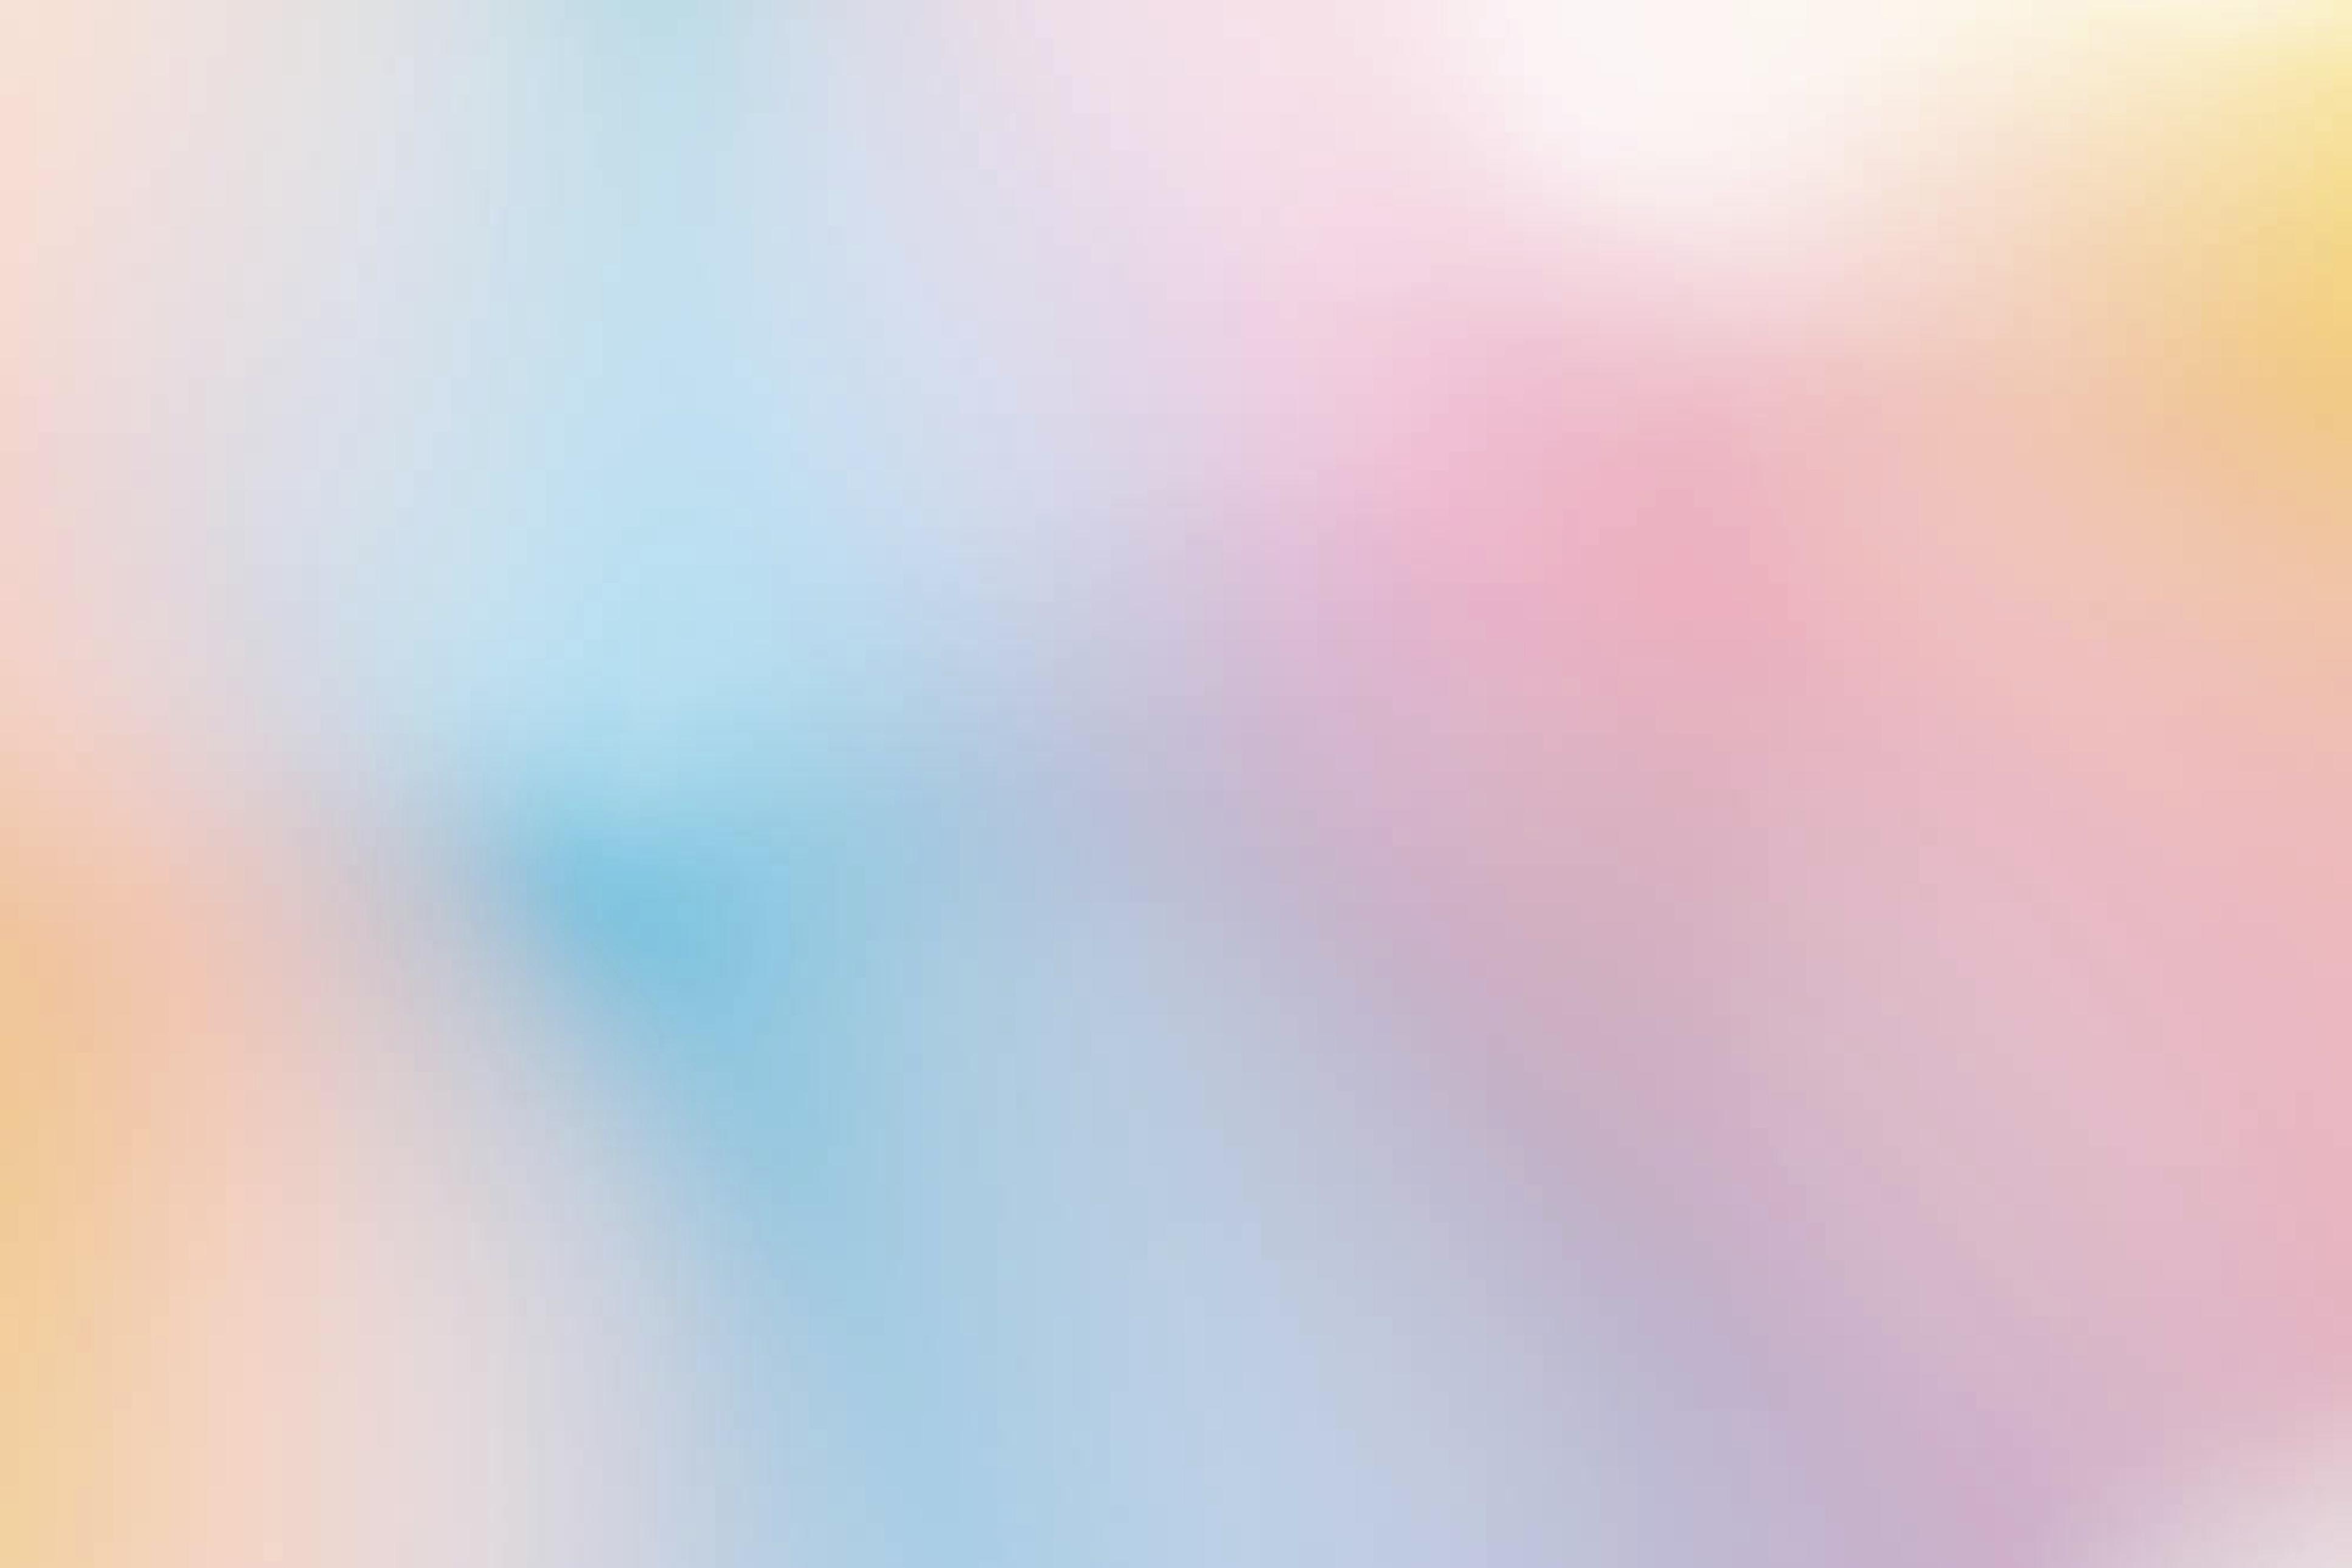 2016流行色 当粉晶遇上静谧蓝